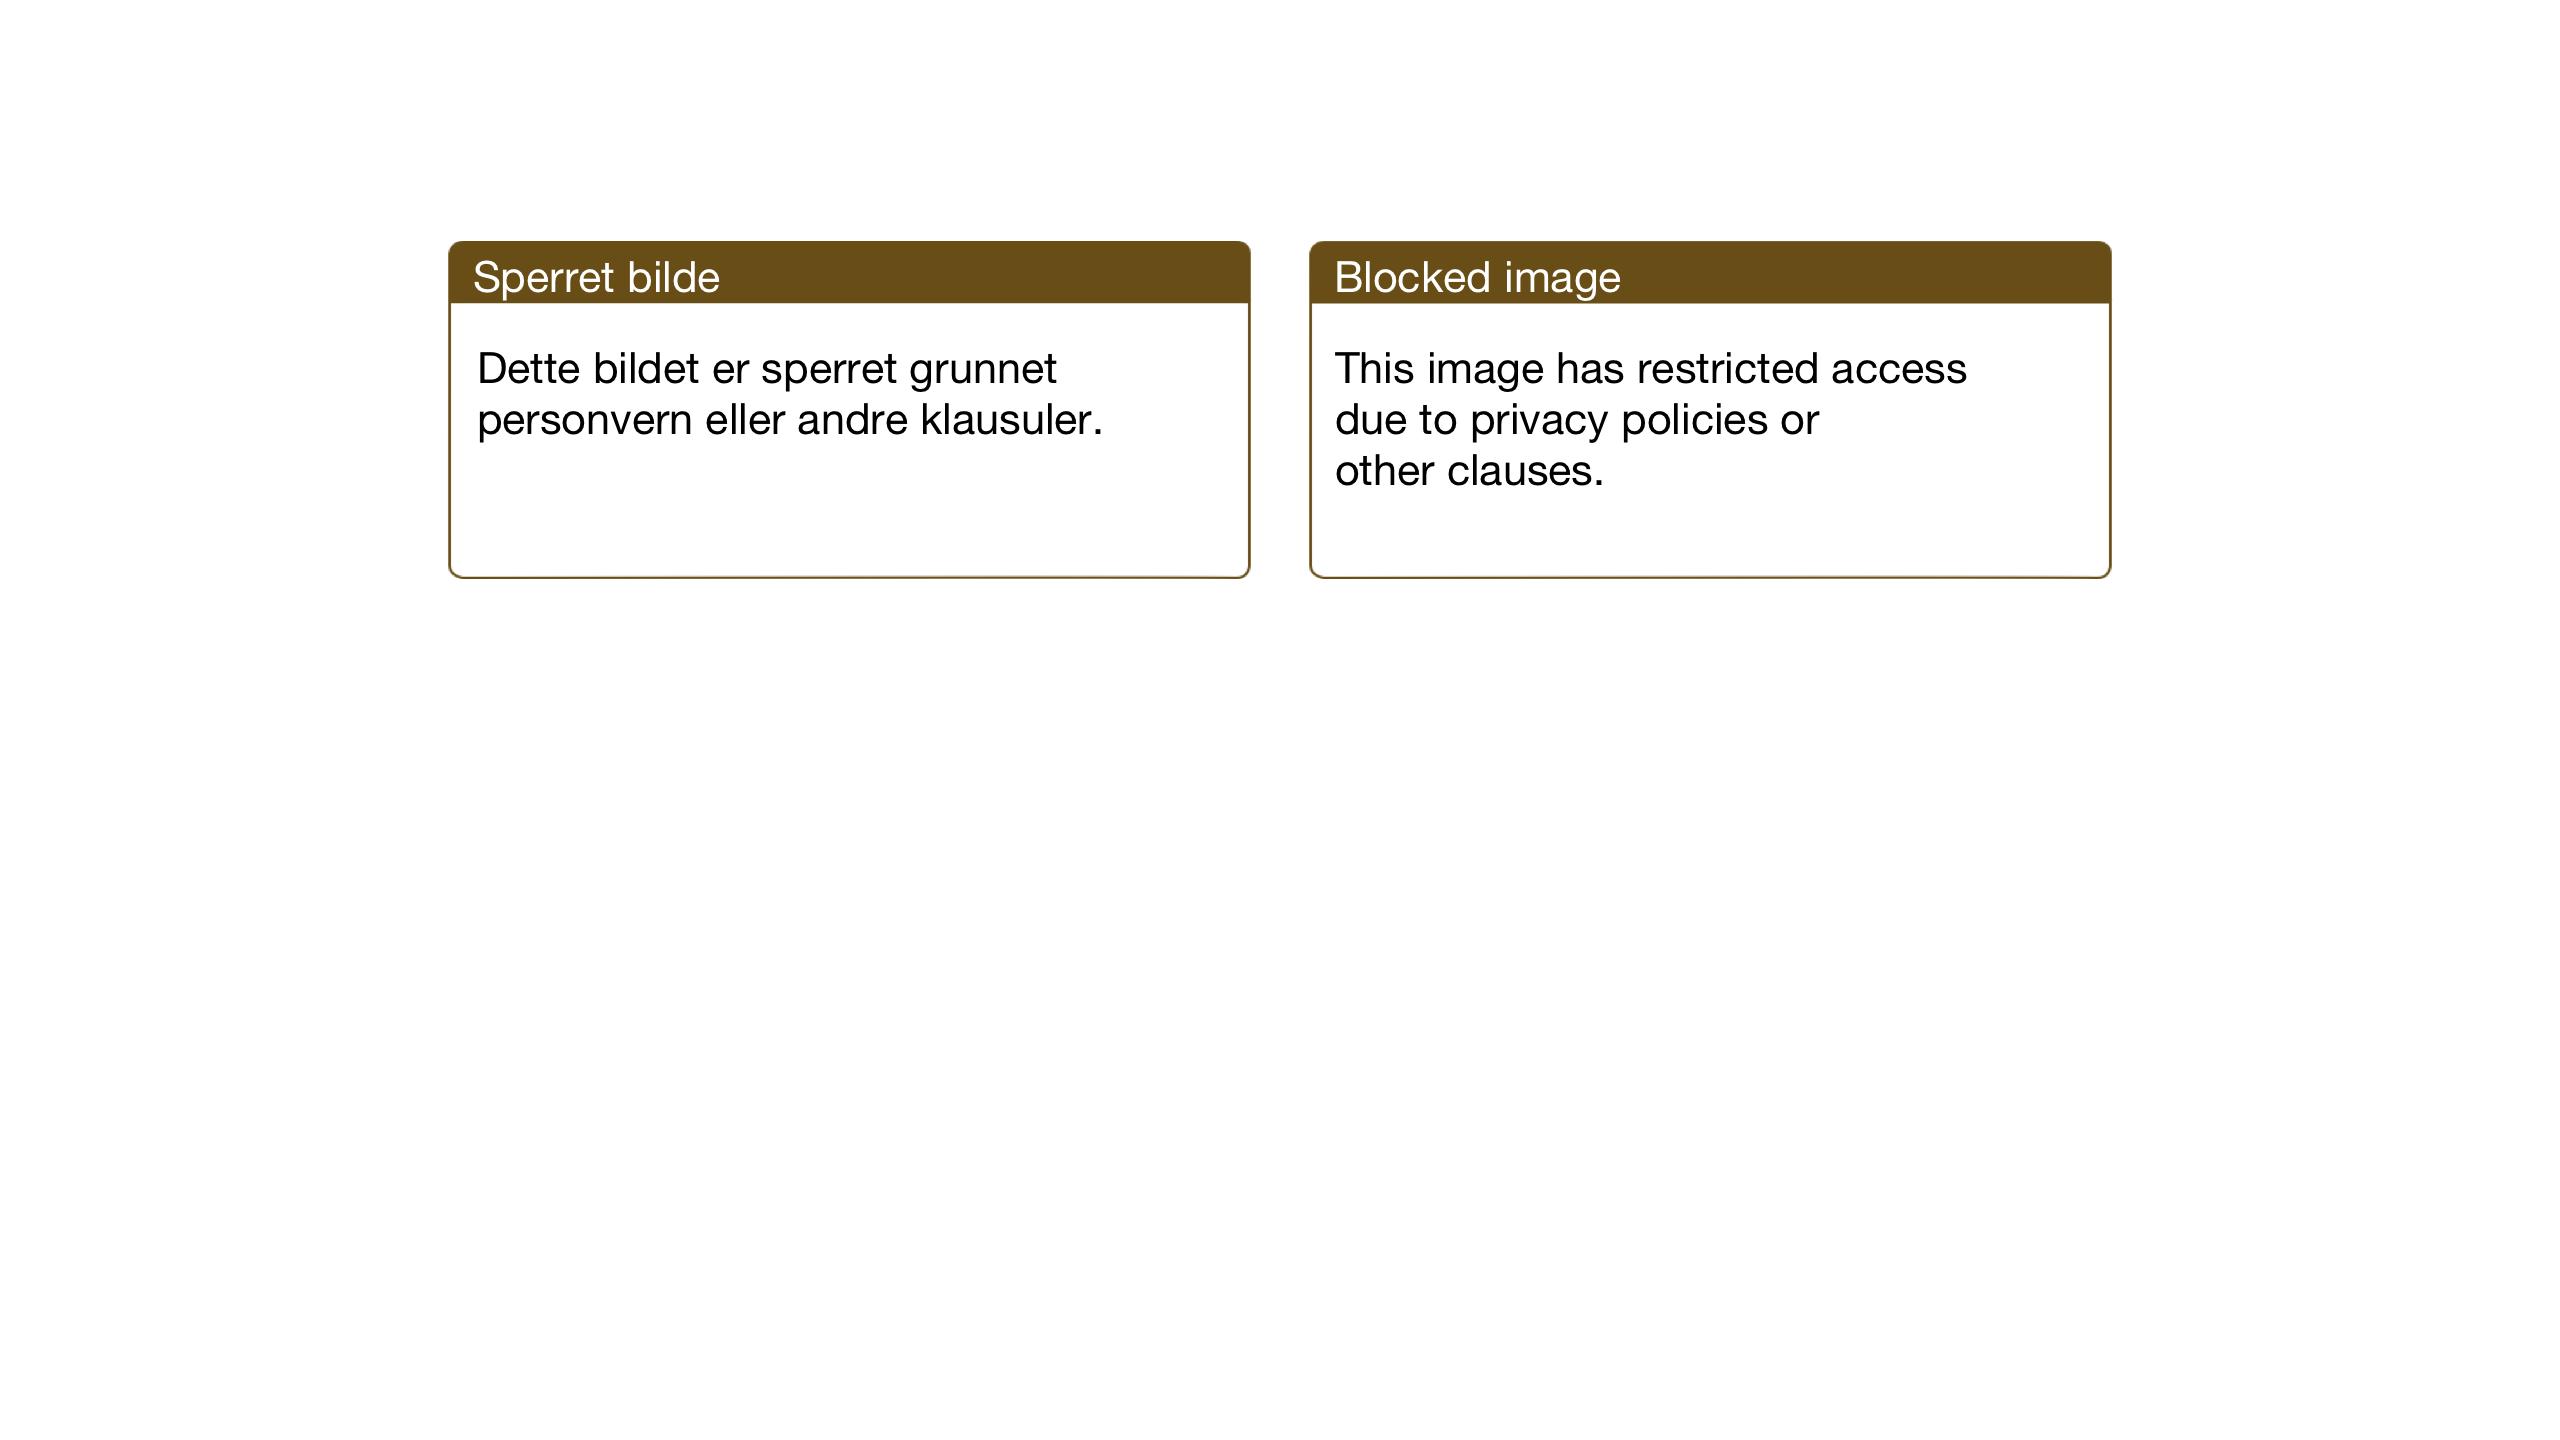 SAT, Ministerialprotokoller, klokkerbøker og fødselsregistre - Nord-Trøndelag, 749/L0481: Klokkerbok nr. 749C03, 1933-1945, s. 42